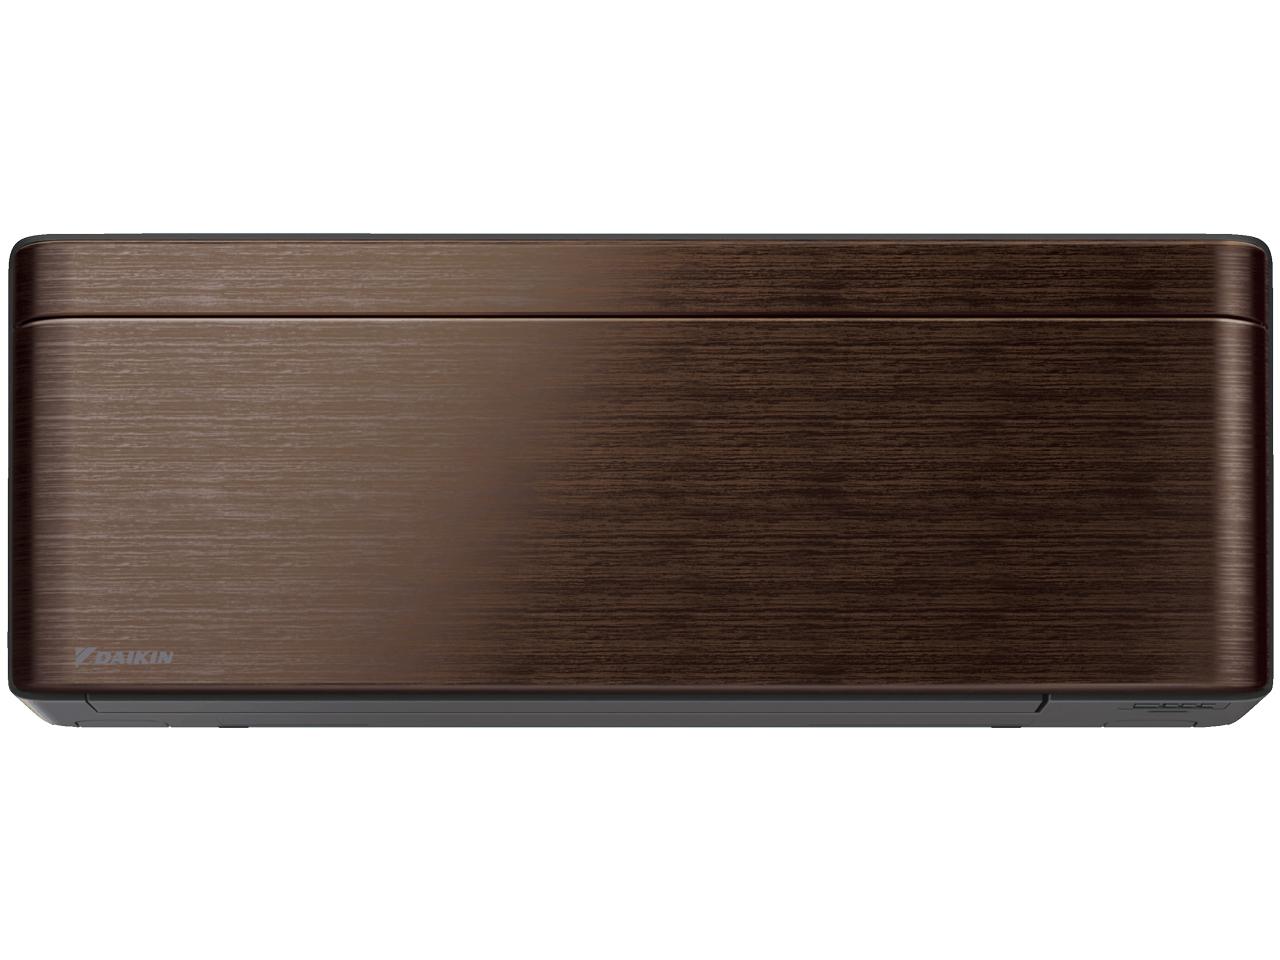 ダイキン S40WTSXP-M 19年モデル SXシリーズ 【200V用】14畳用冷暖房除湿エアコン